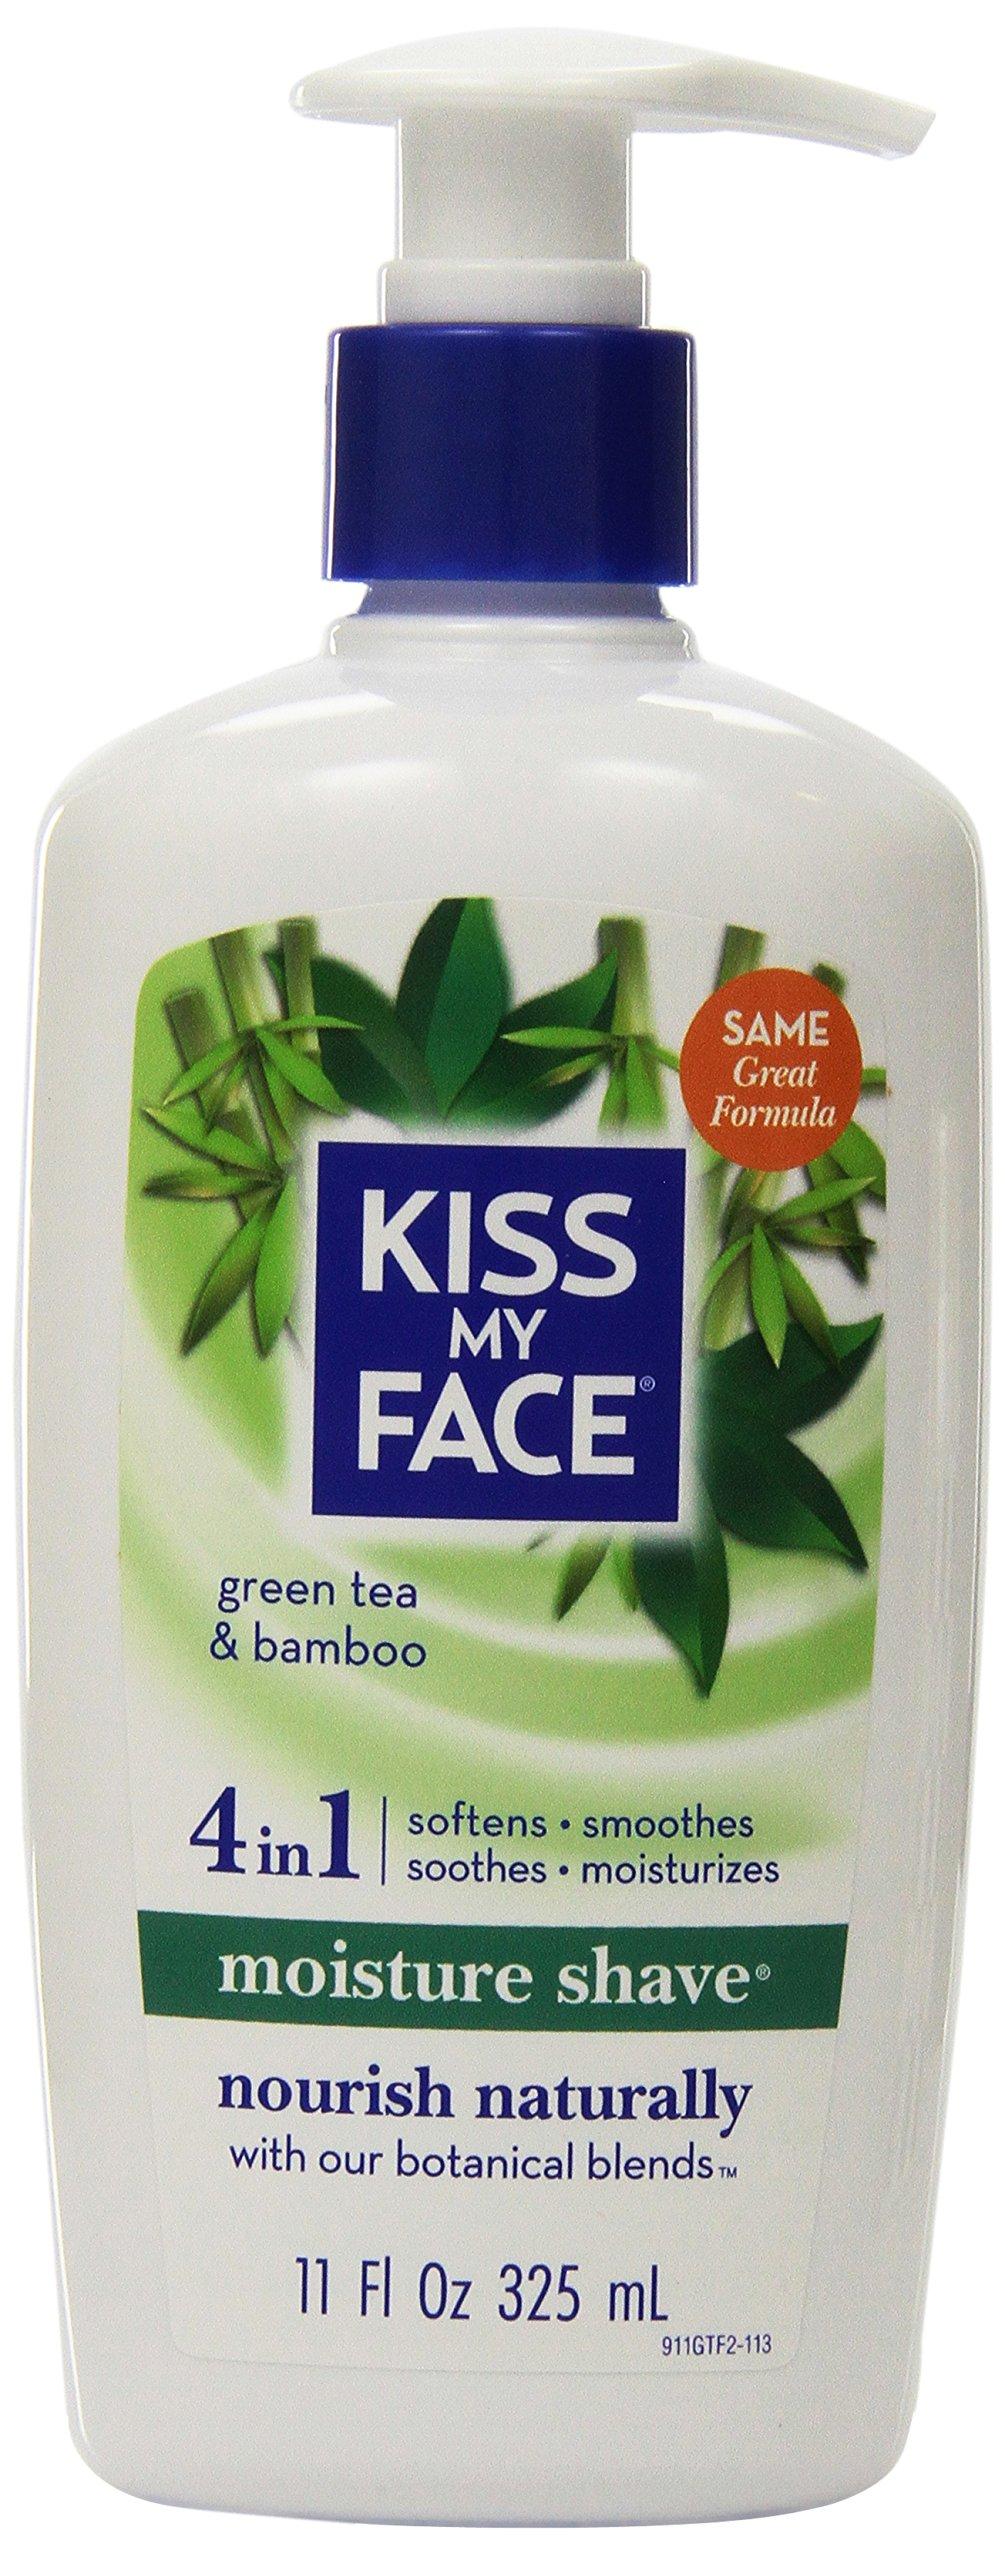 Kiss My Face Moisture Shave Shaving Cream, Green Tea & Bamboo Shaving Soap, 11 oz (Pack of 12)